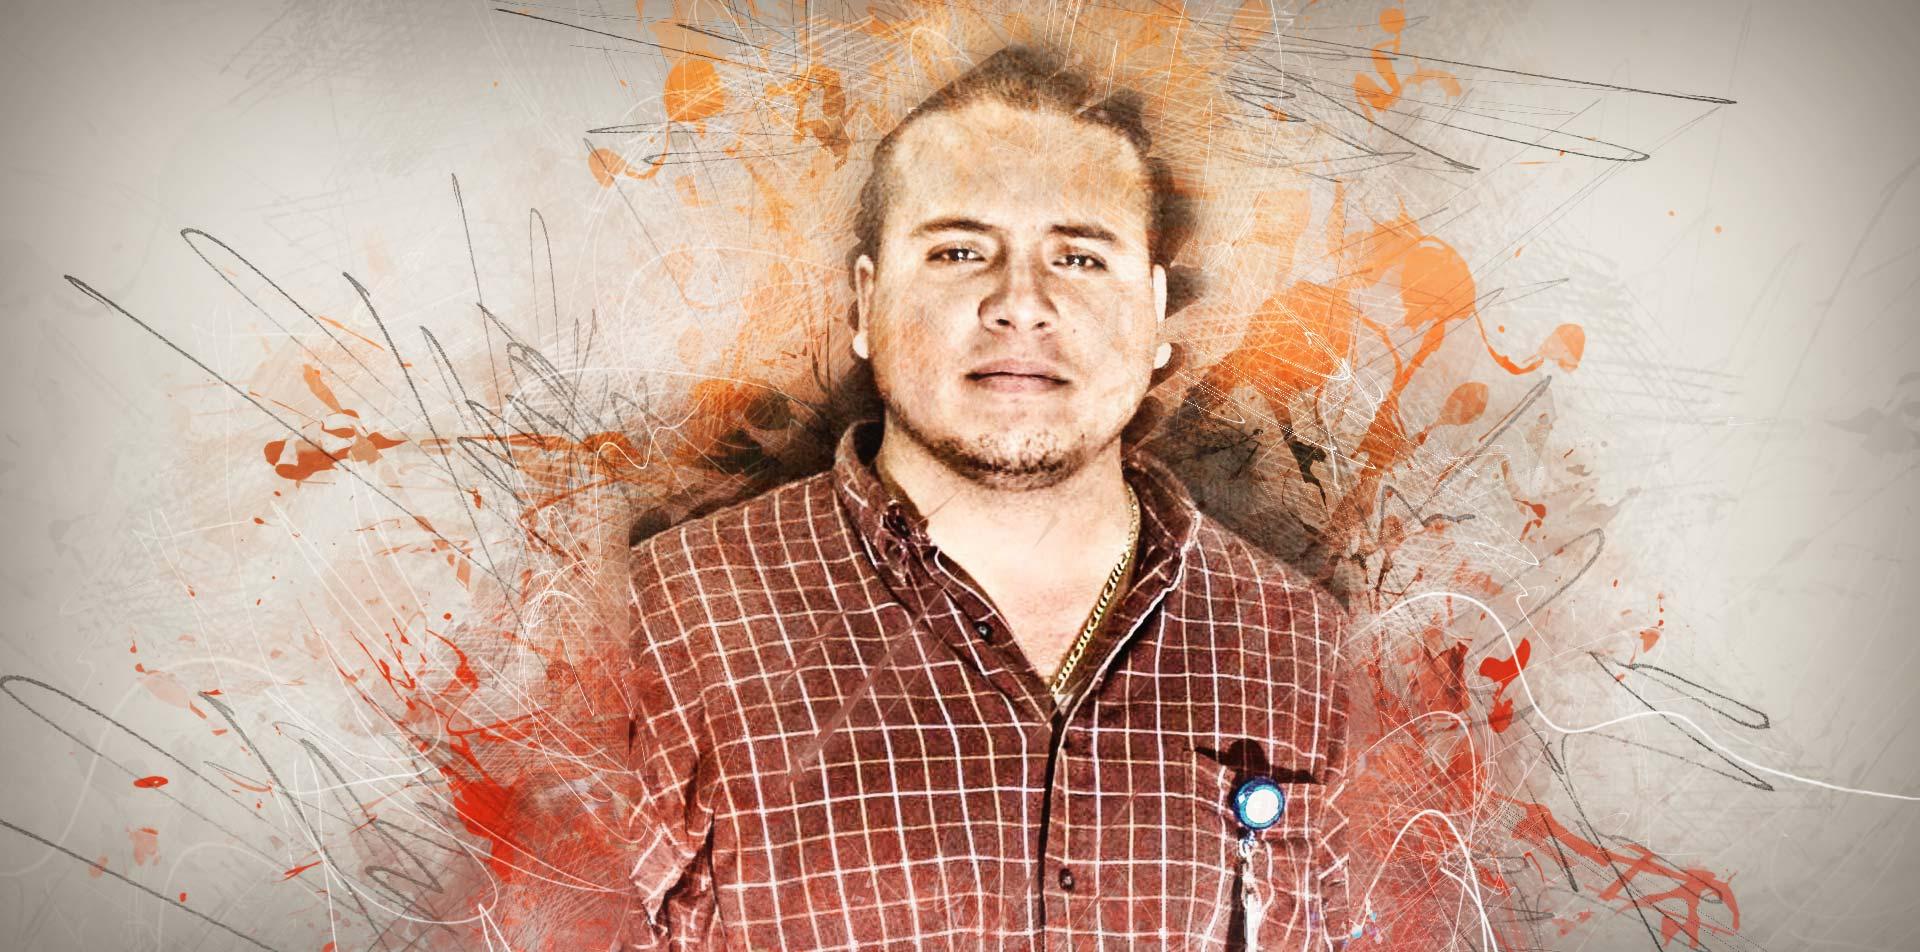 EL CÁRTEL DE LOS BELTRÁN LEYVA Y EL ASESINATO DEL PERIODISTA QUE LOS EXHIBIÓ